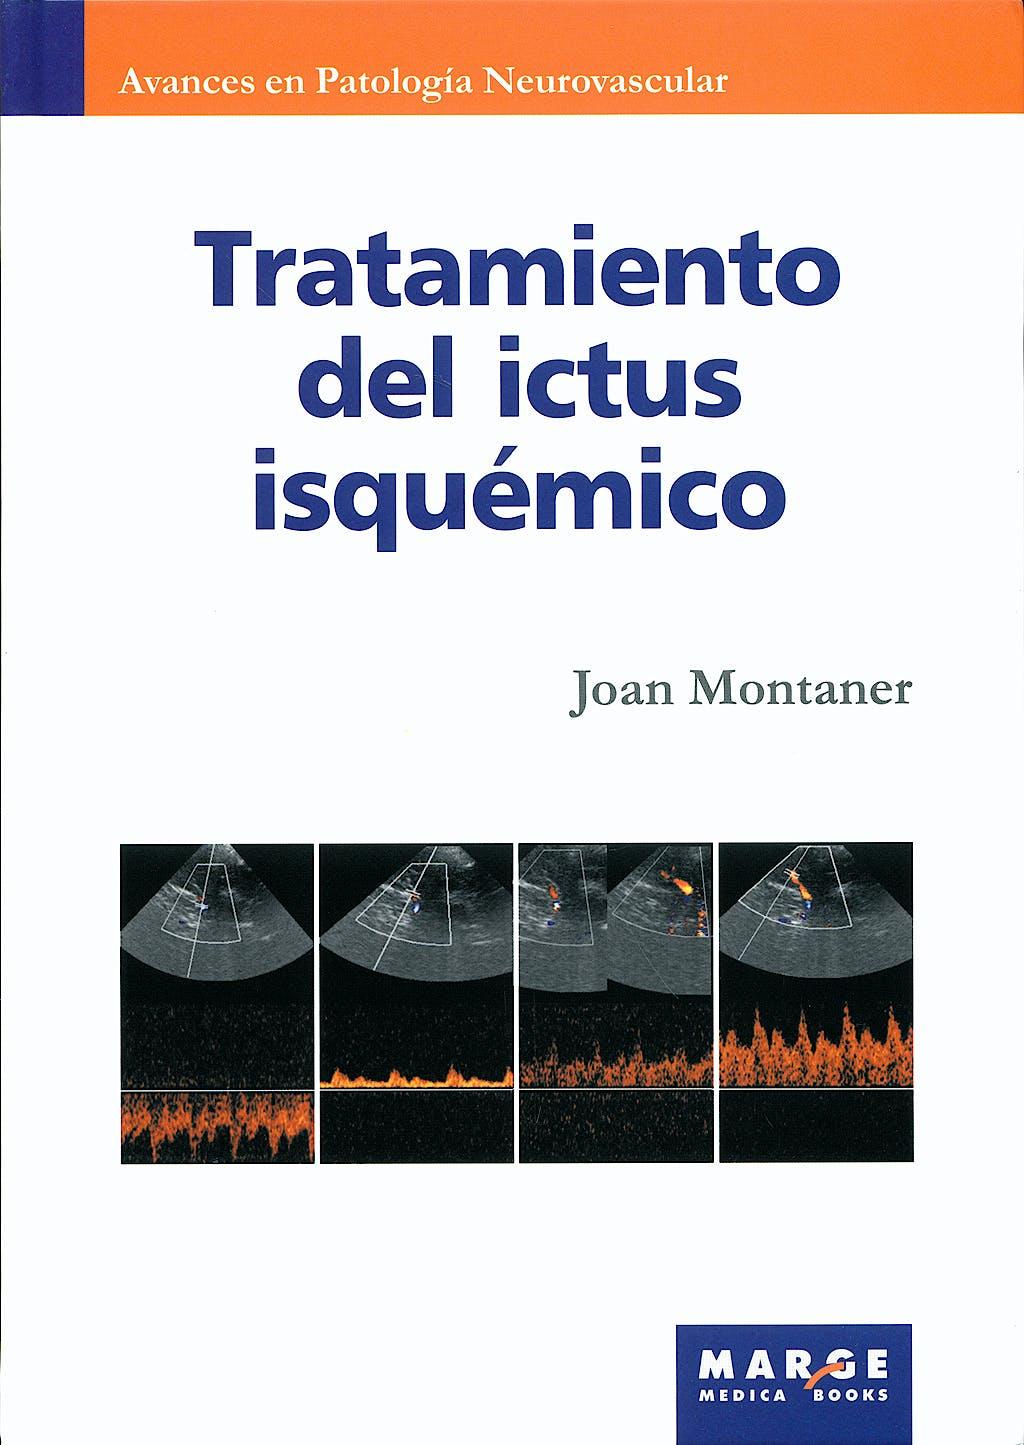 Portada del libro 9788492442133 Tratamiento del Ictus Isquemico (Avances en Patologia Neurovascular, Vol. 3)